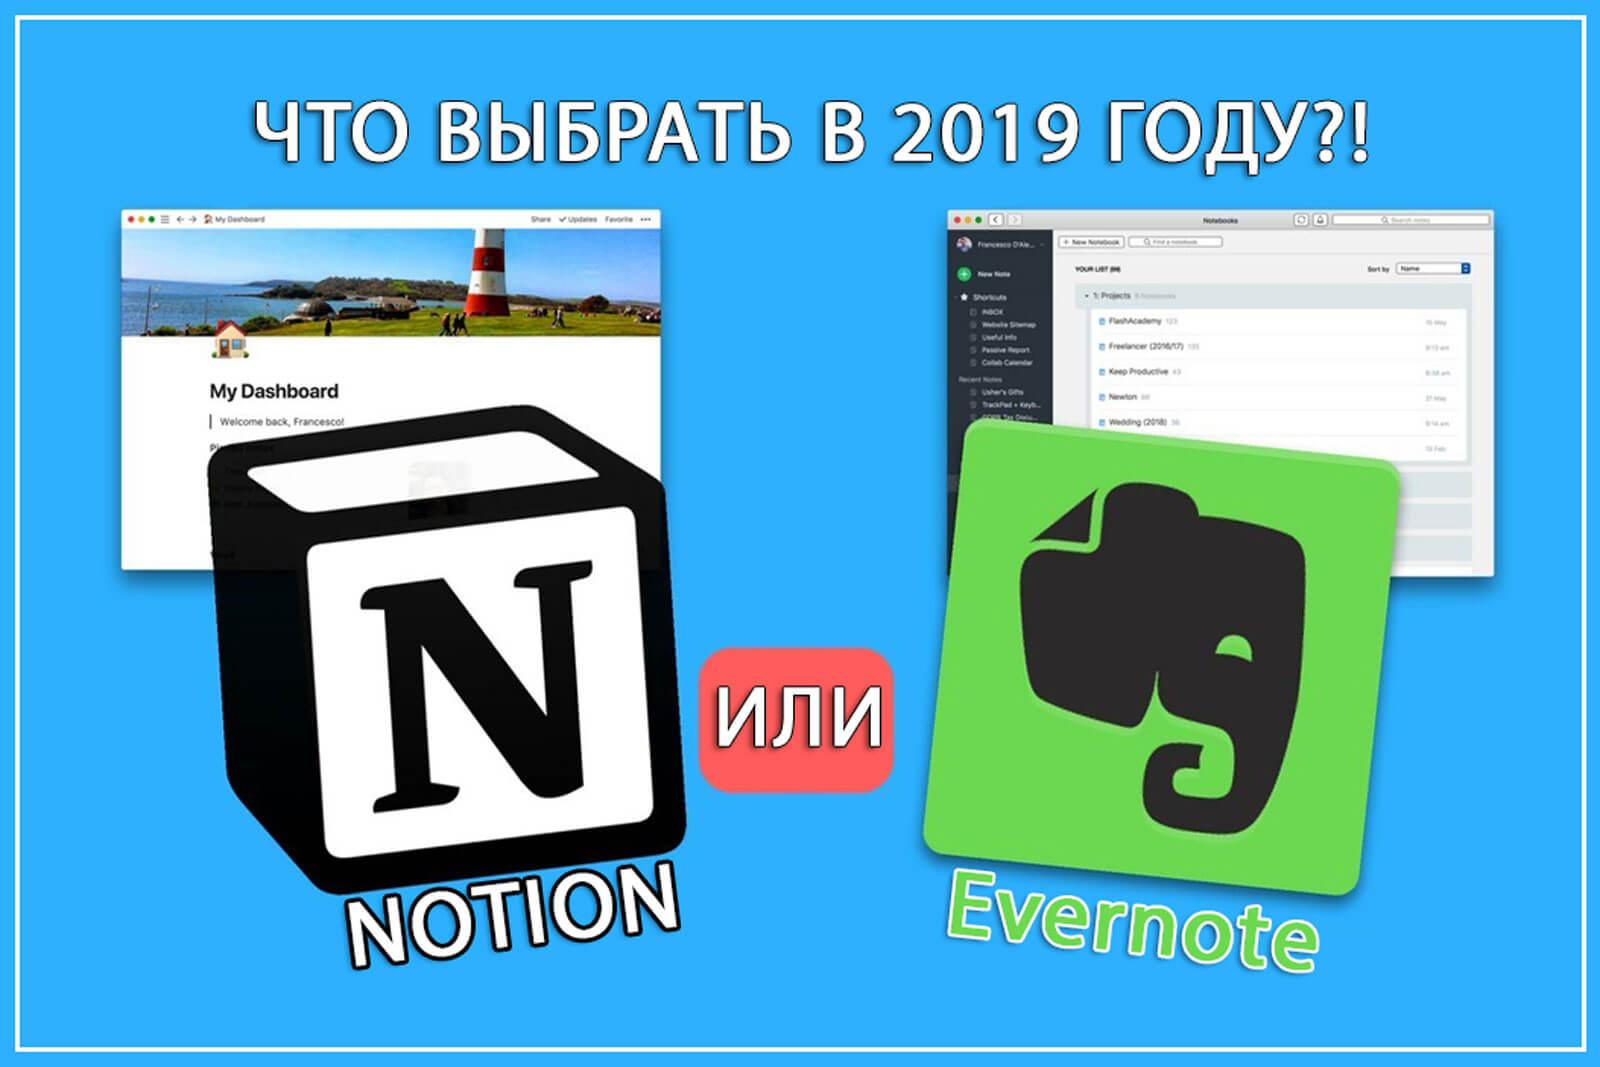 Notion 2019 или Evernote 2019 что выбрать для работы